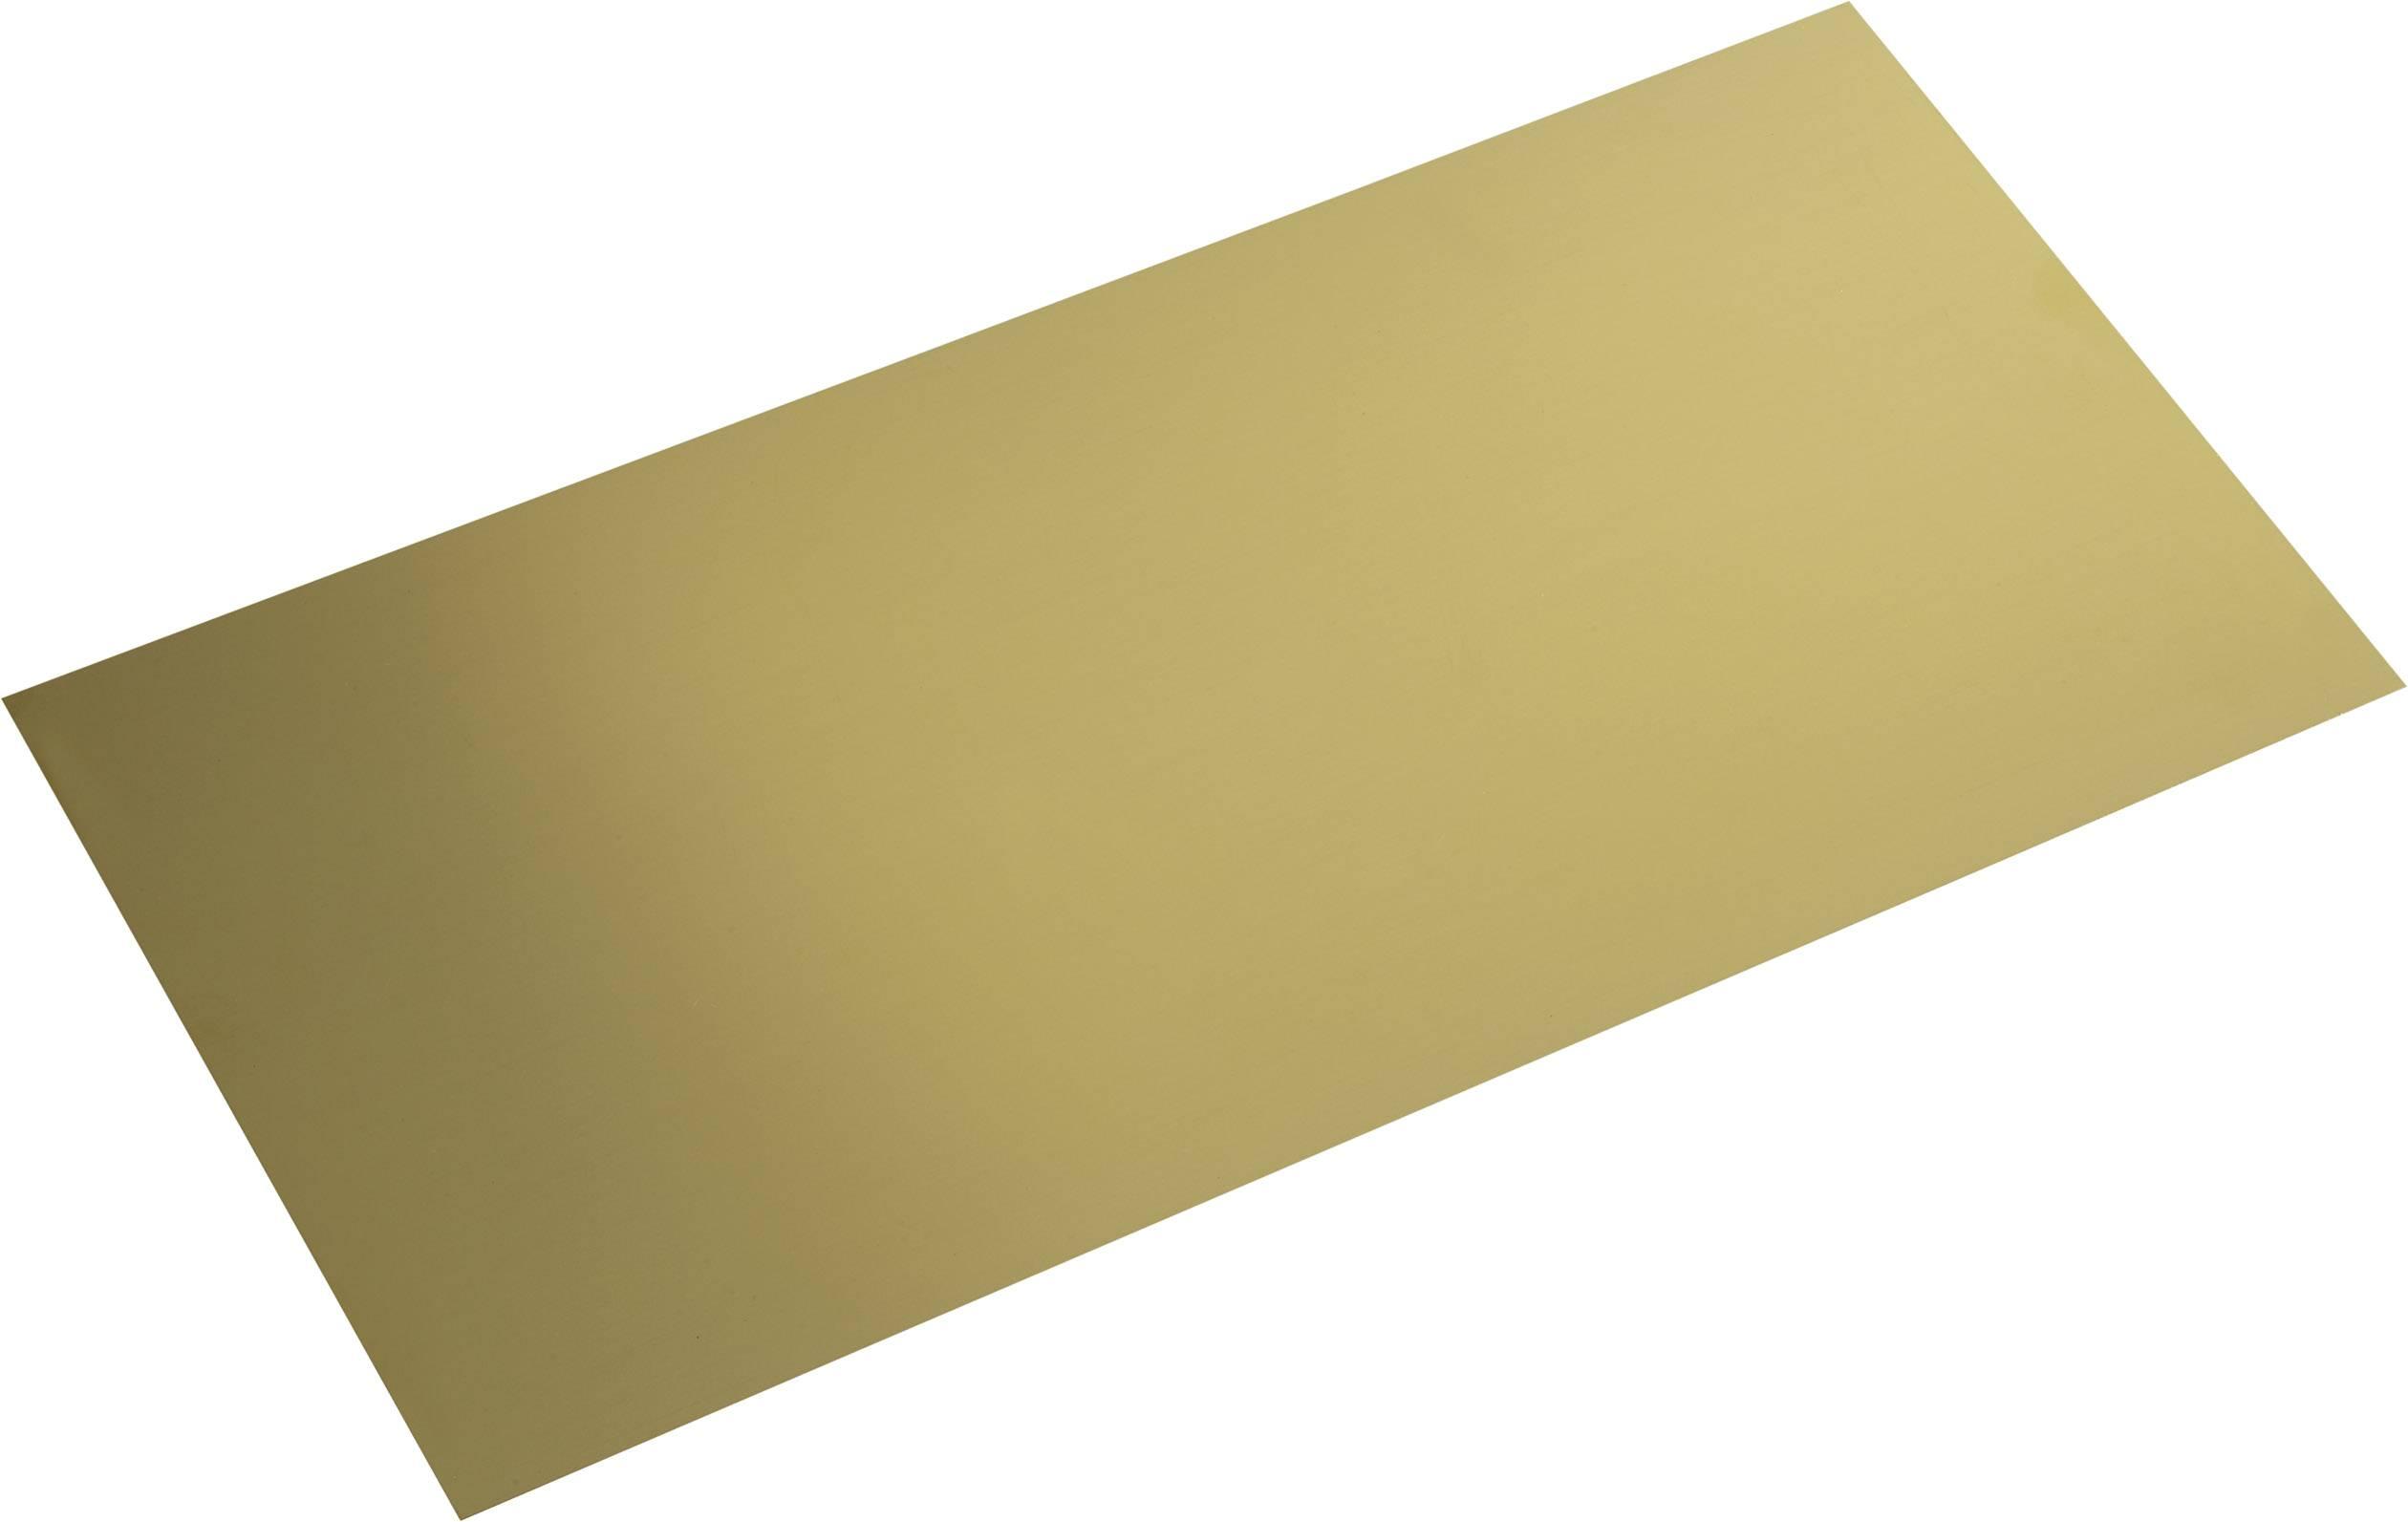 Mosazná deska Modelcraft, 400 x 200 x 0,5 mm